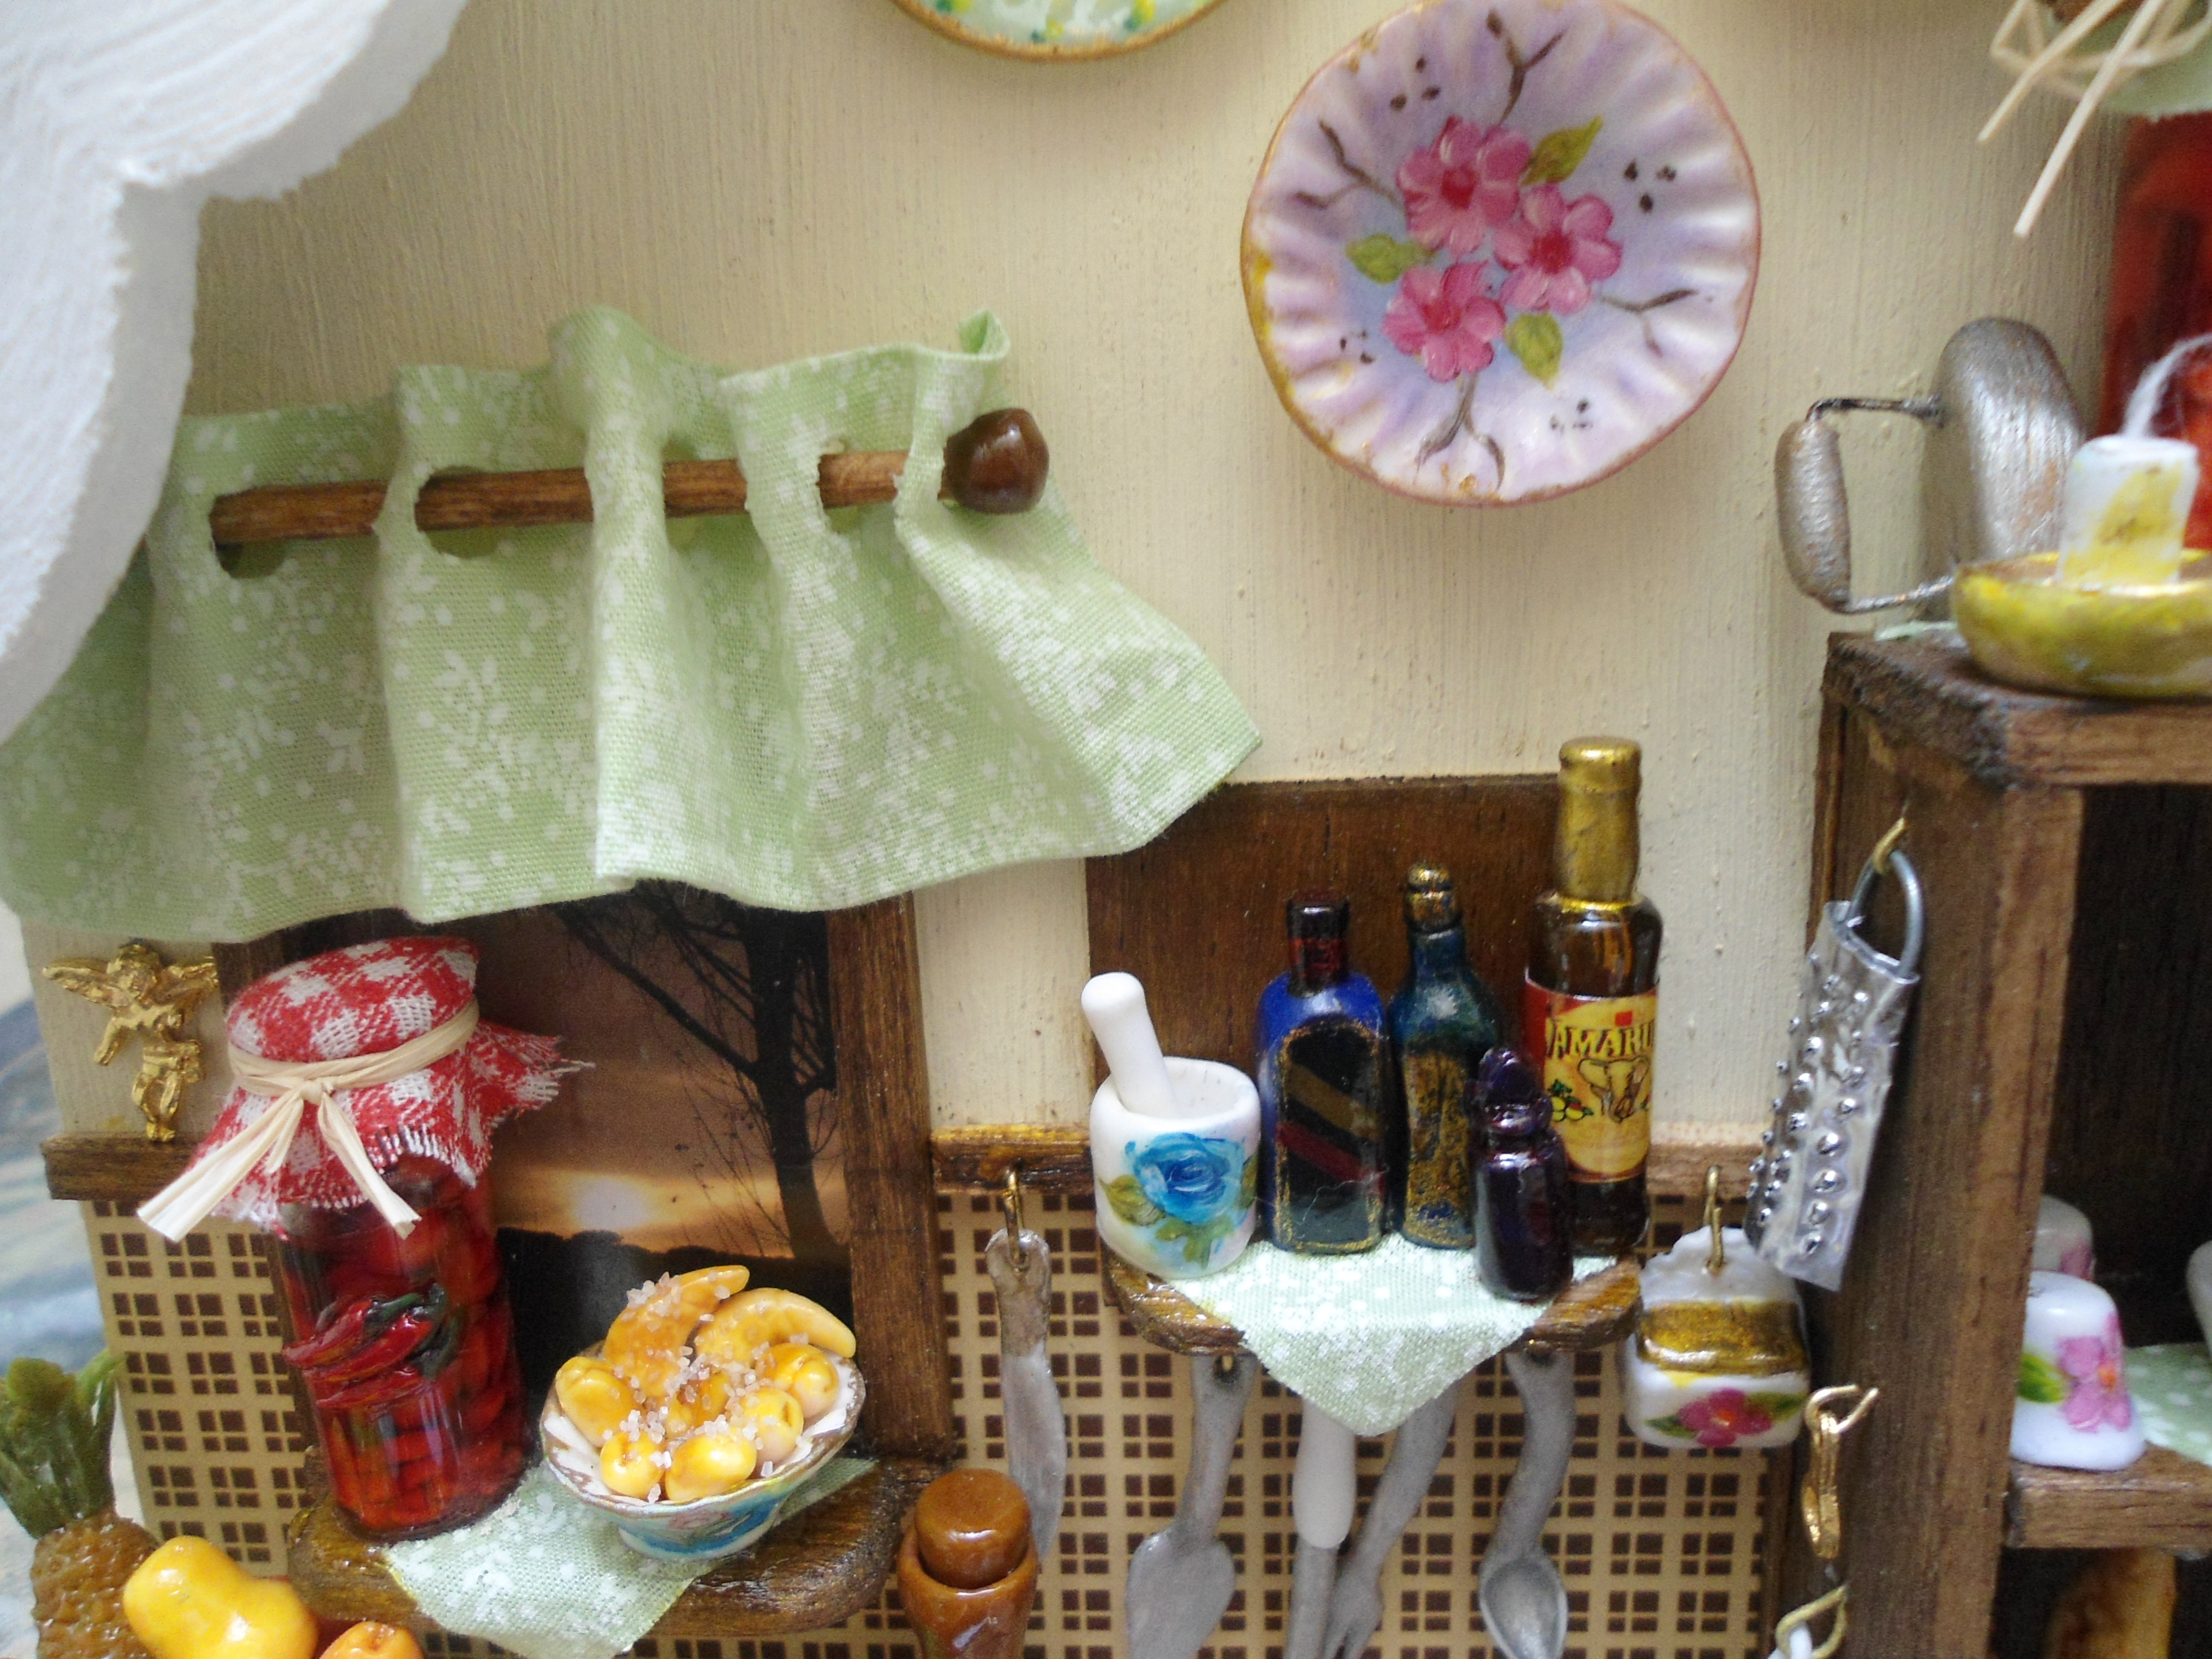 #B59316 decoracao cozinha de sitio:cozinha do sitio em miniatura cozinha do  4000x3000 px Normas Para Projeto De Cozinha De Restaurante_3820 Imagens